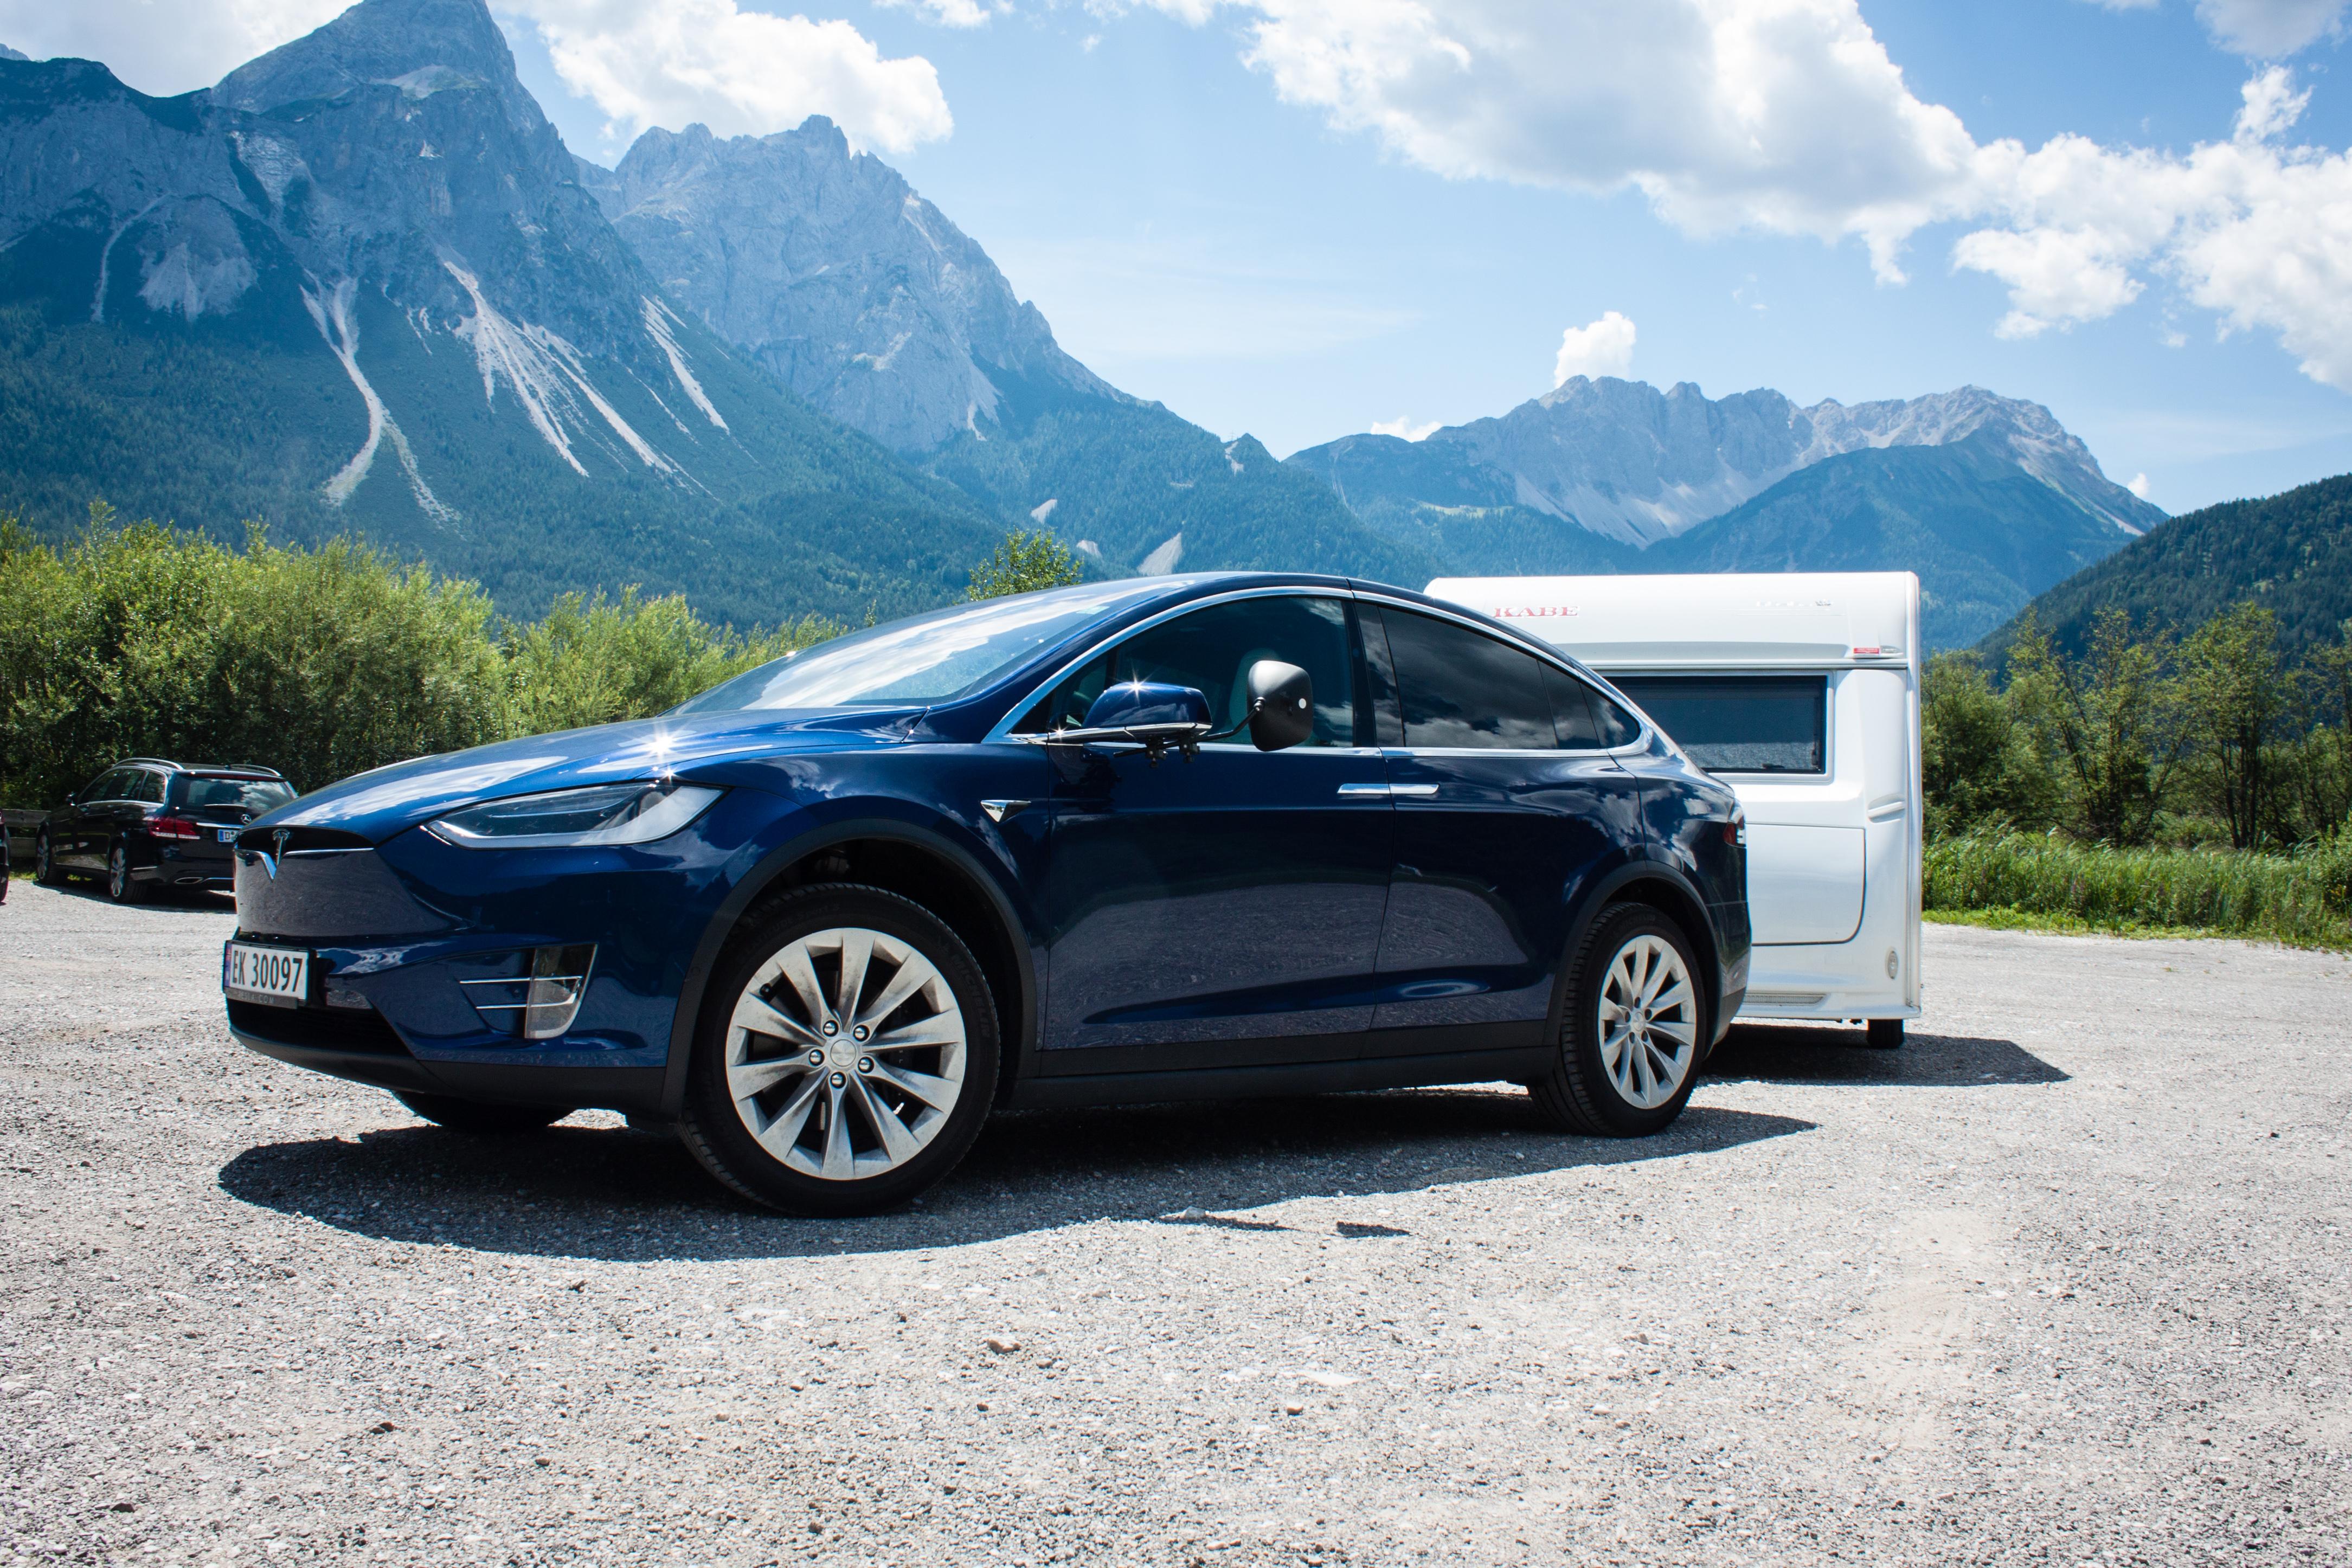 44aadfb6c5 Tesla Model X towing Kabe Caravan - Thomas Bensmann